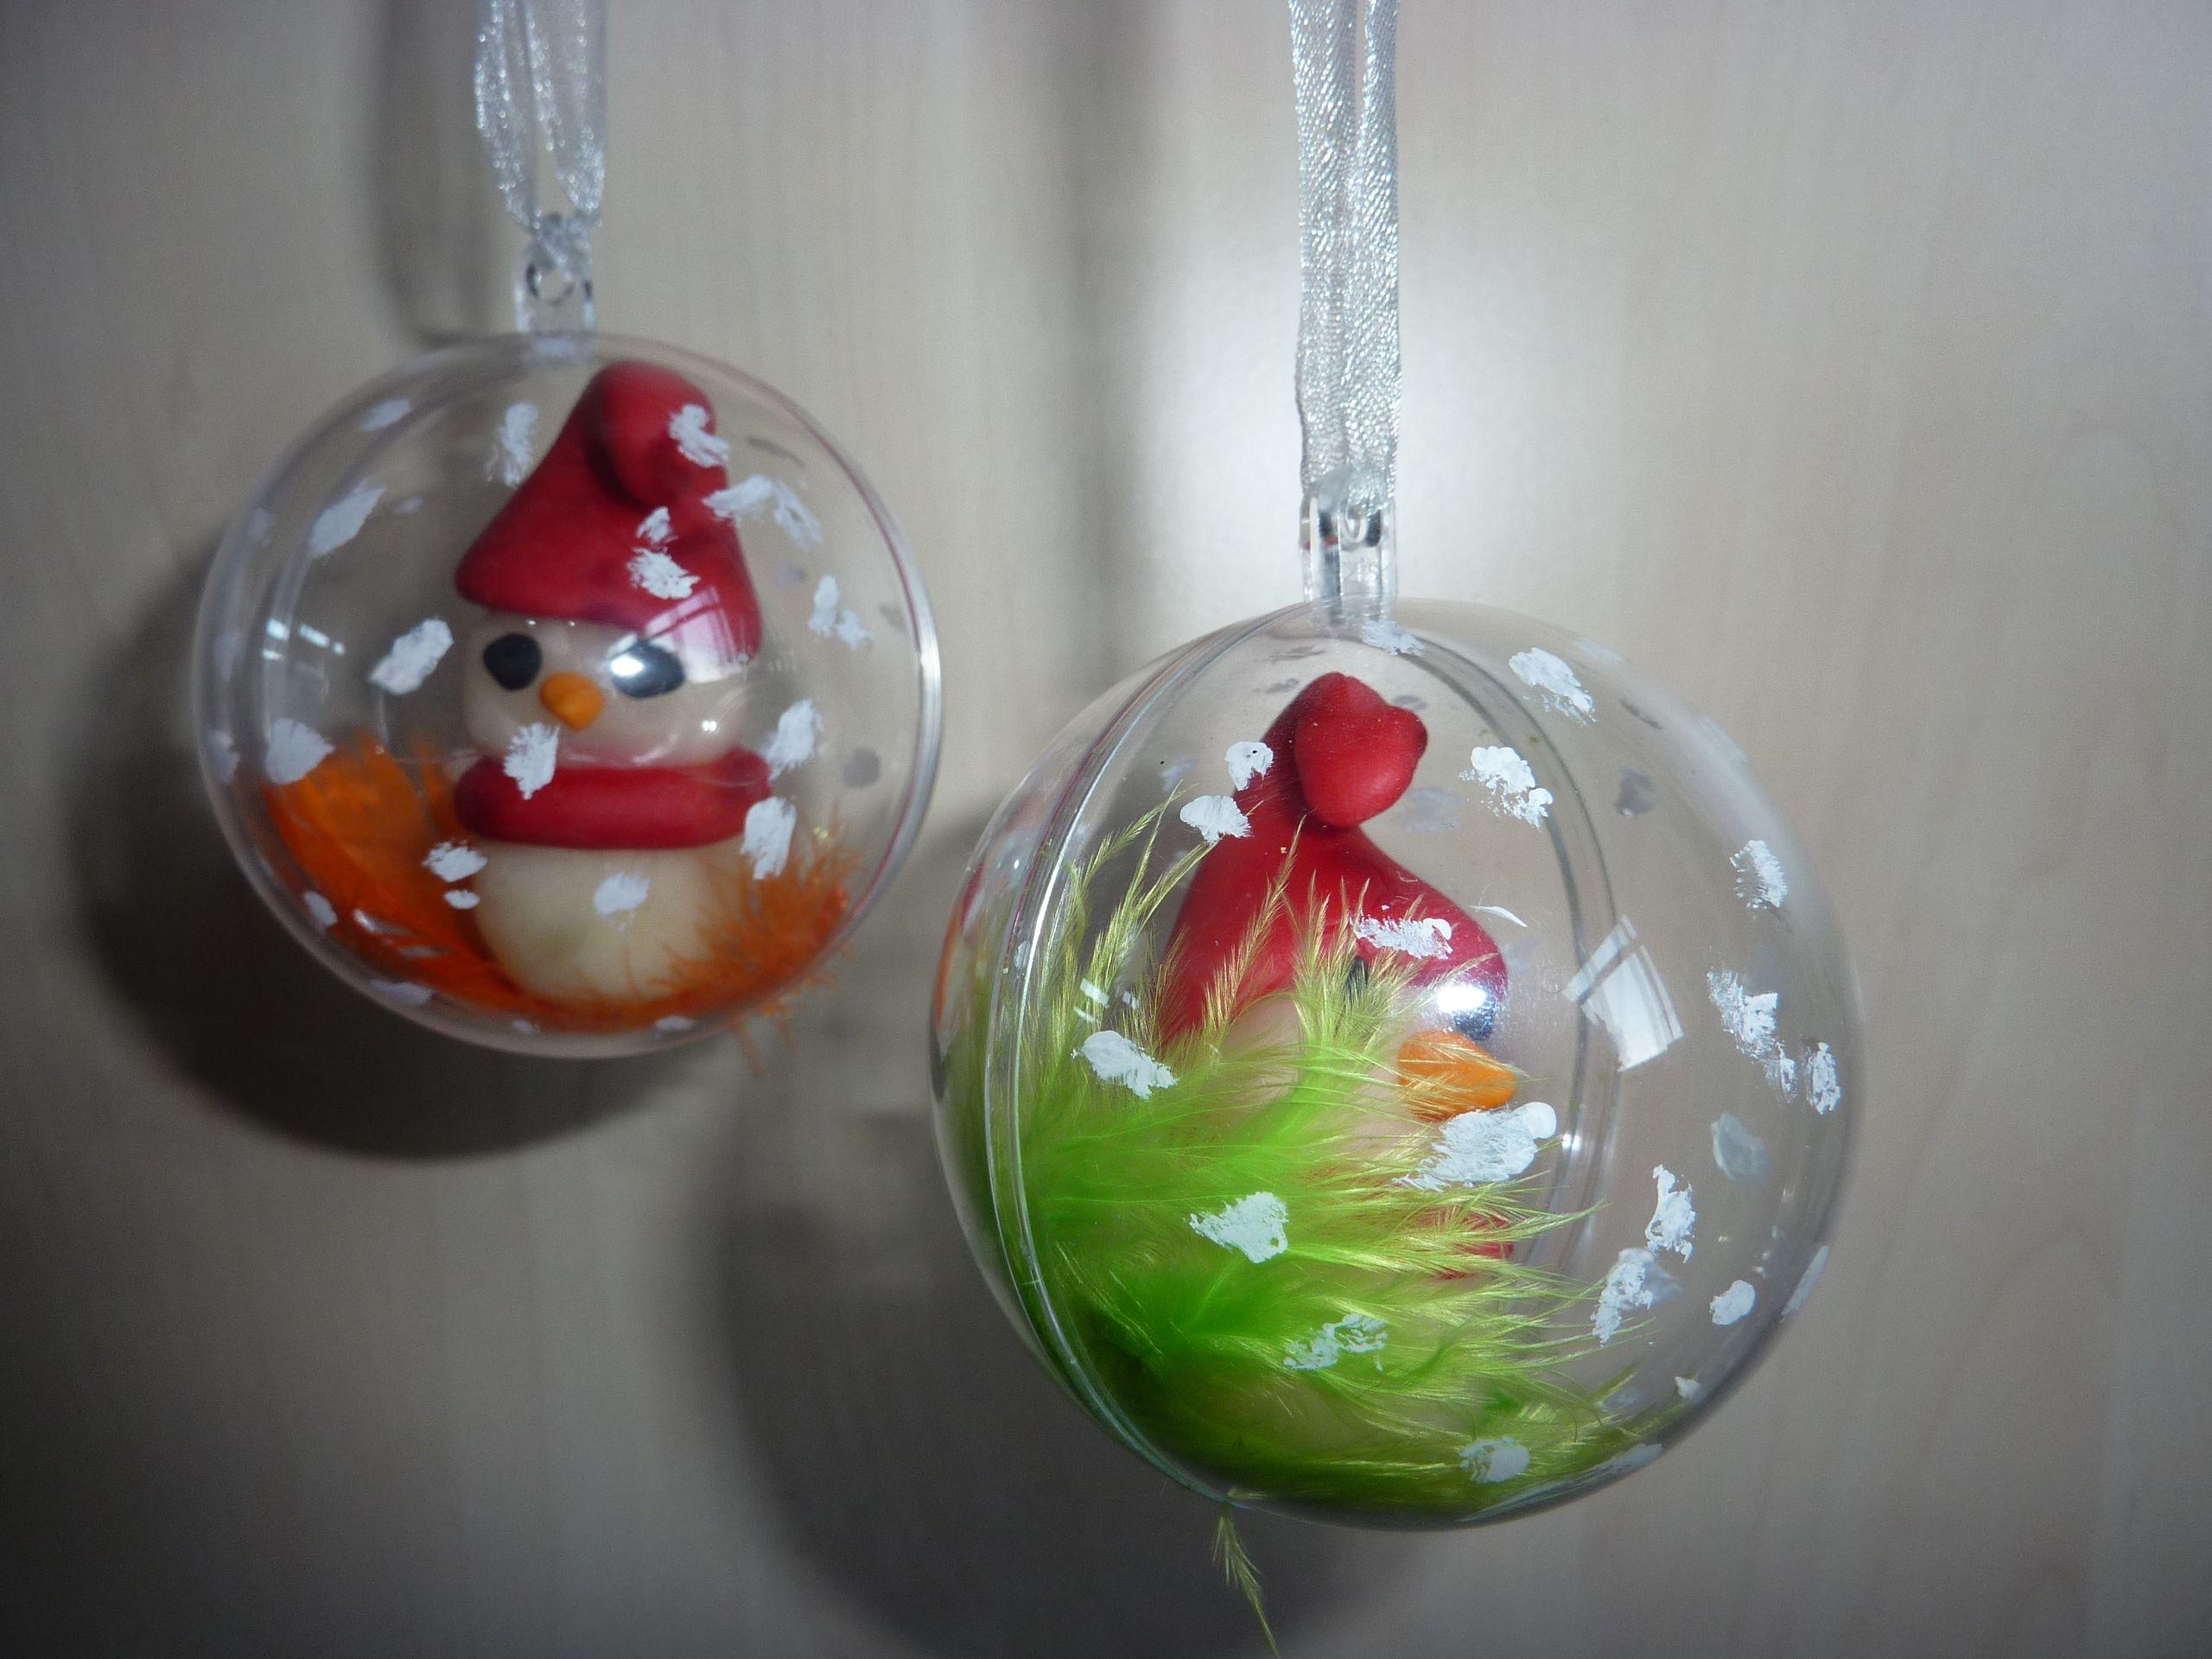 Boule De Noel Transparente A Decorer noël: arts visuels, calendriers, fabriquer père noel | noel